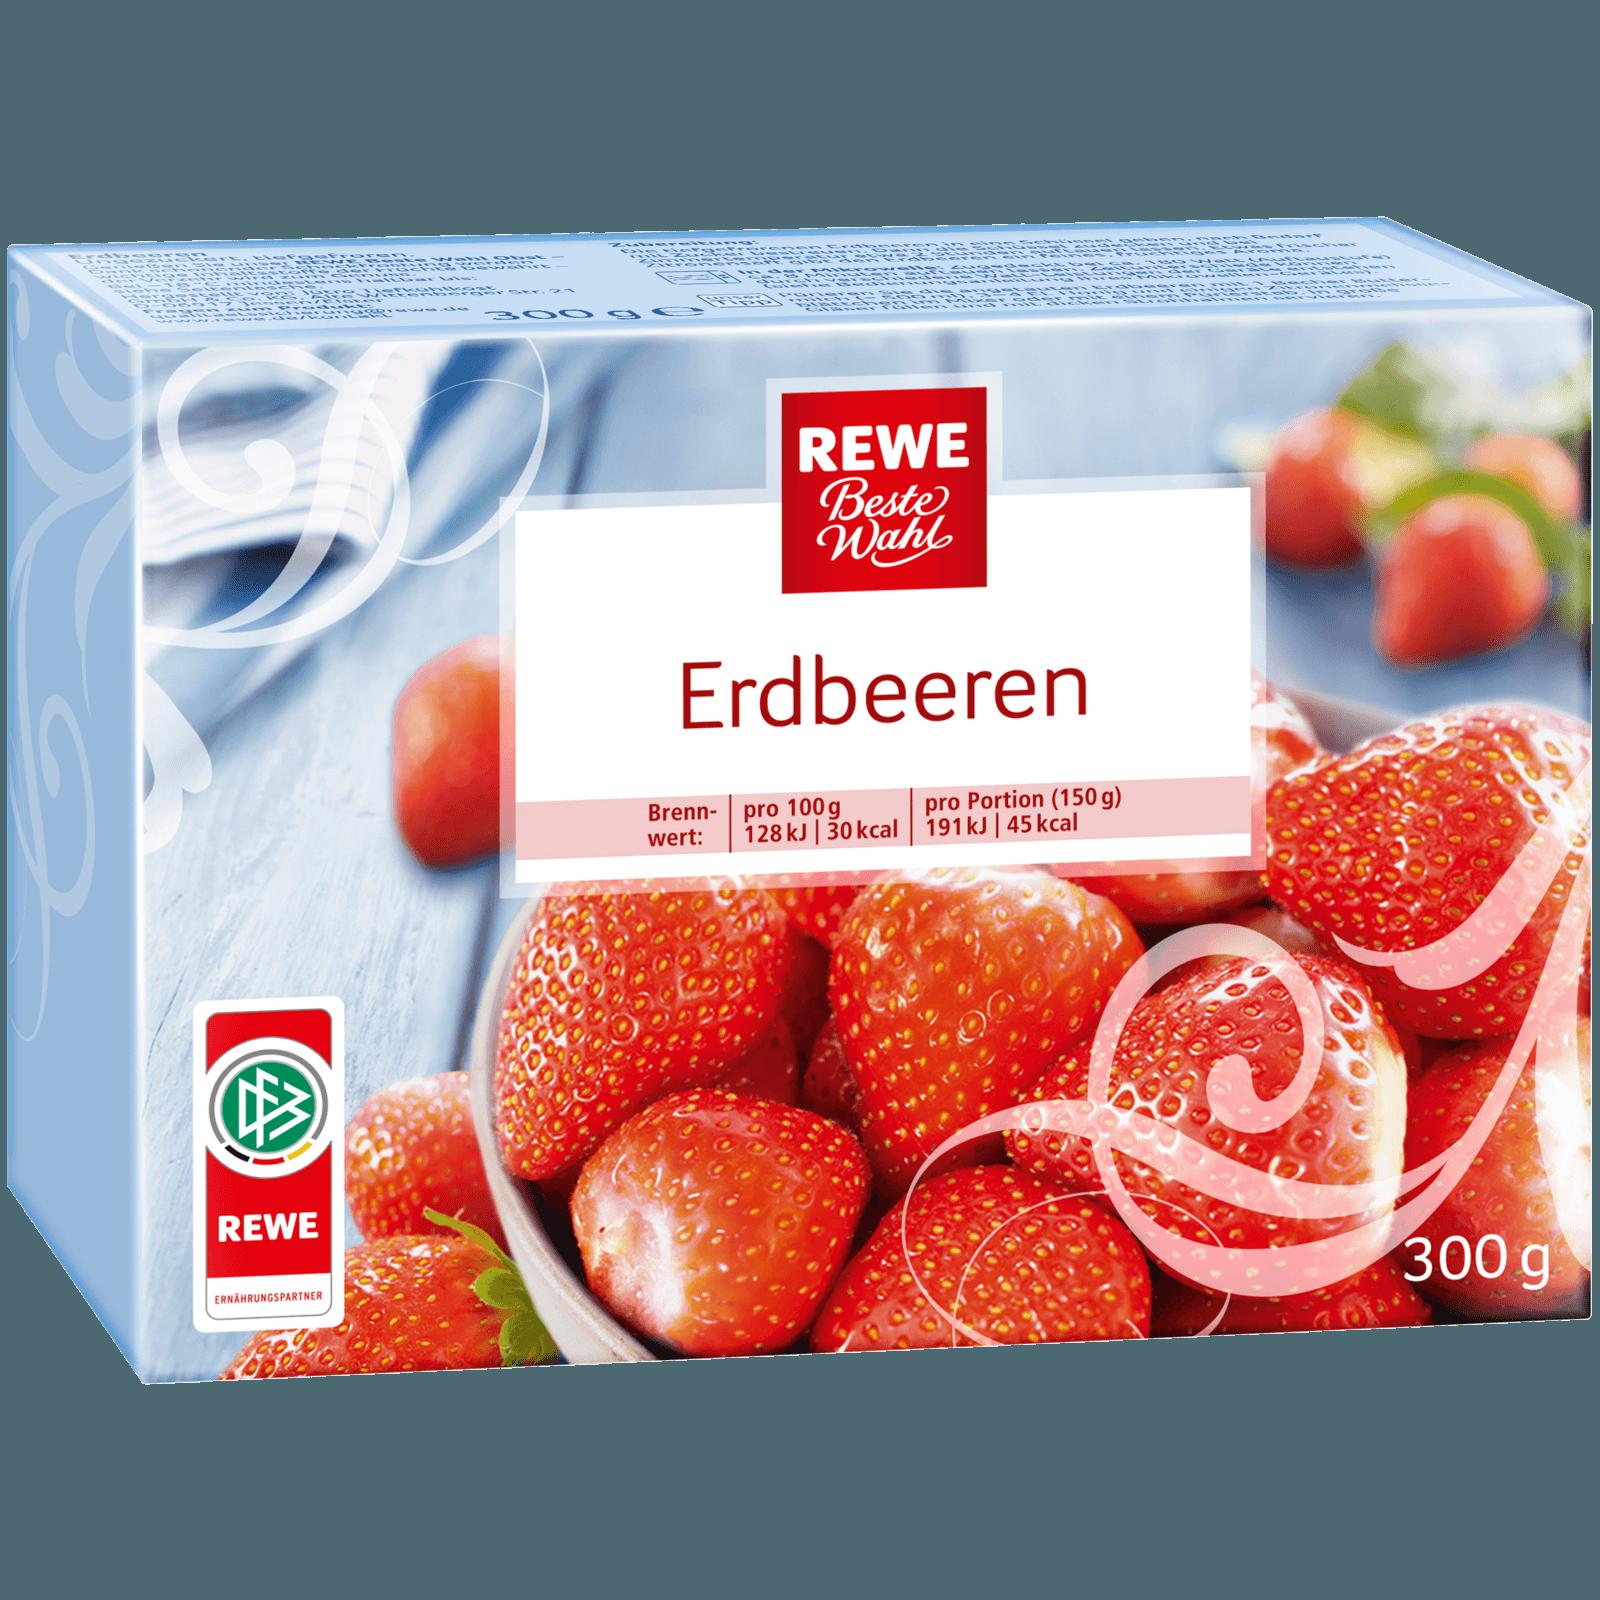 REWE Beste Wahl Erdbeeren 300g